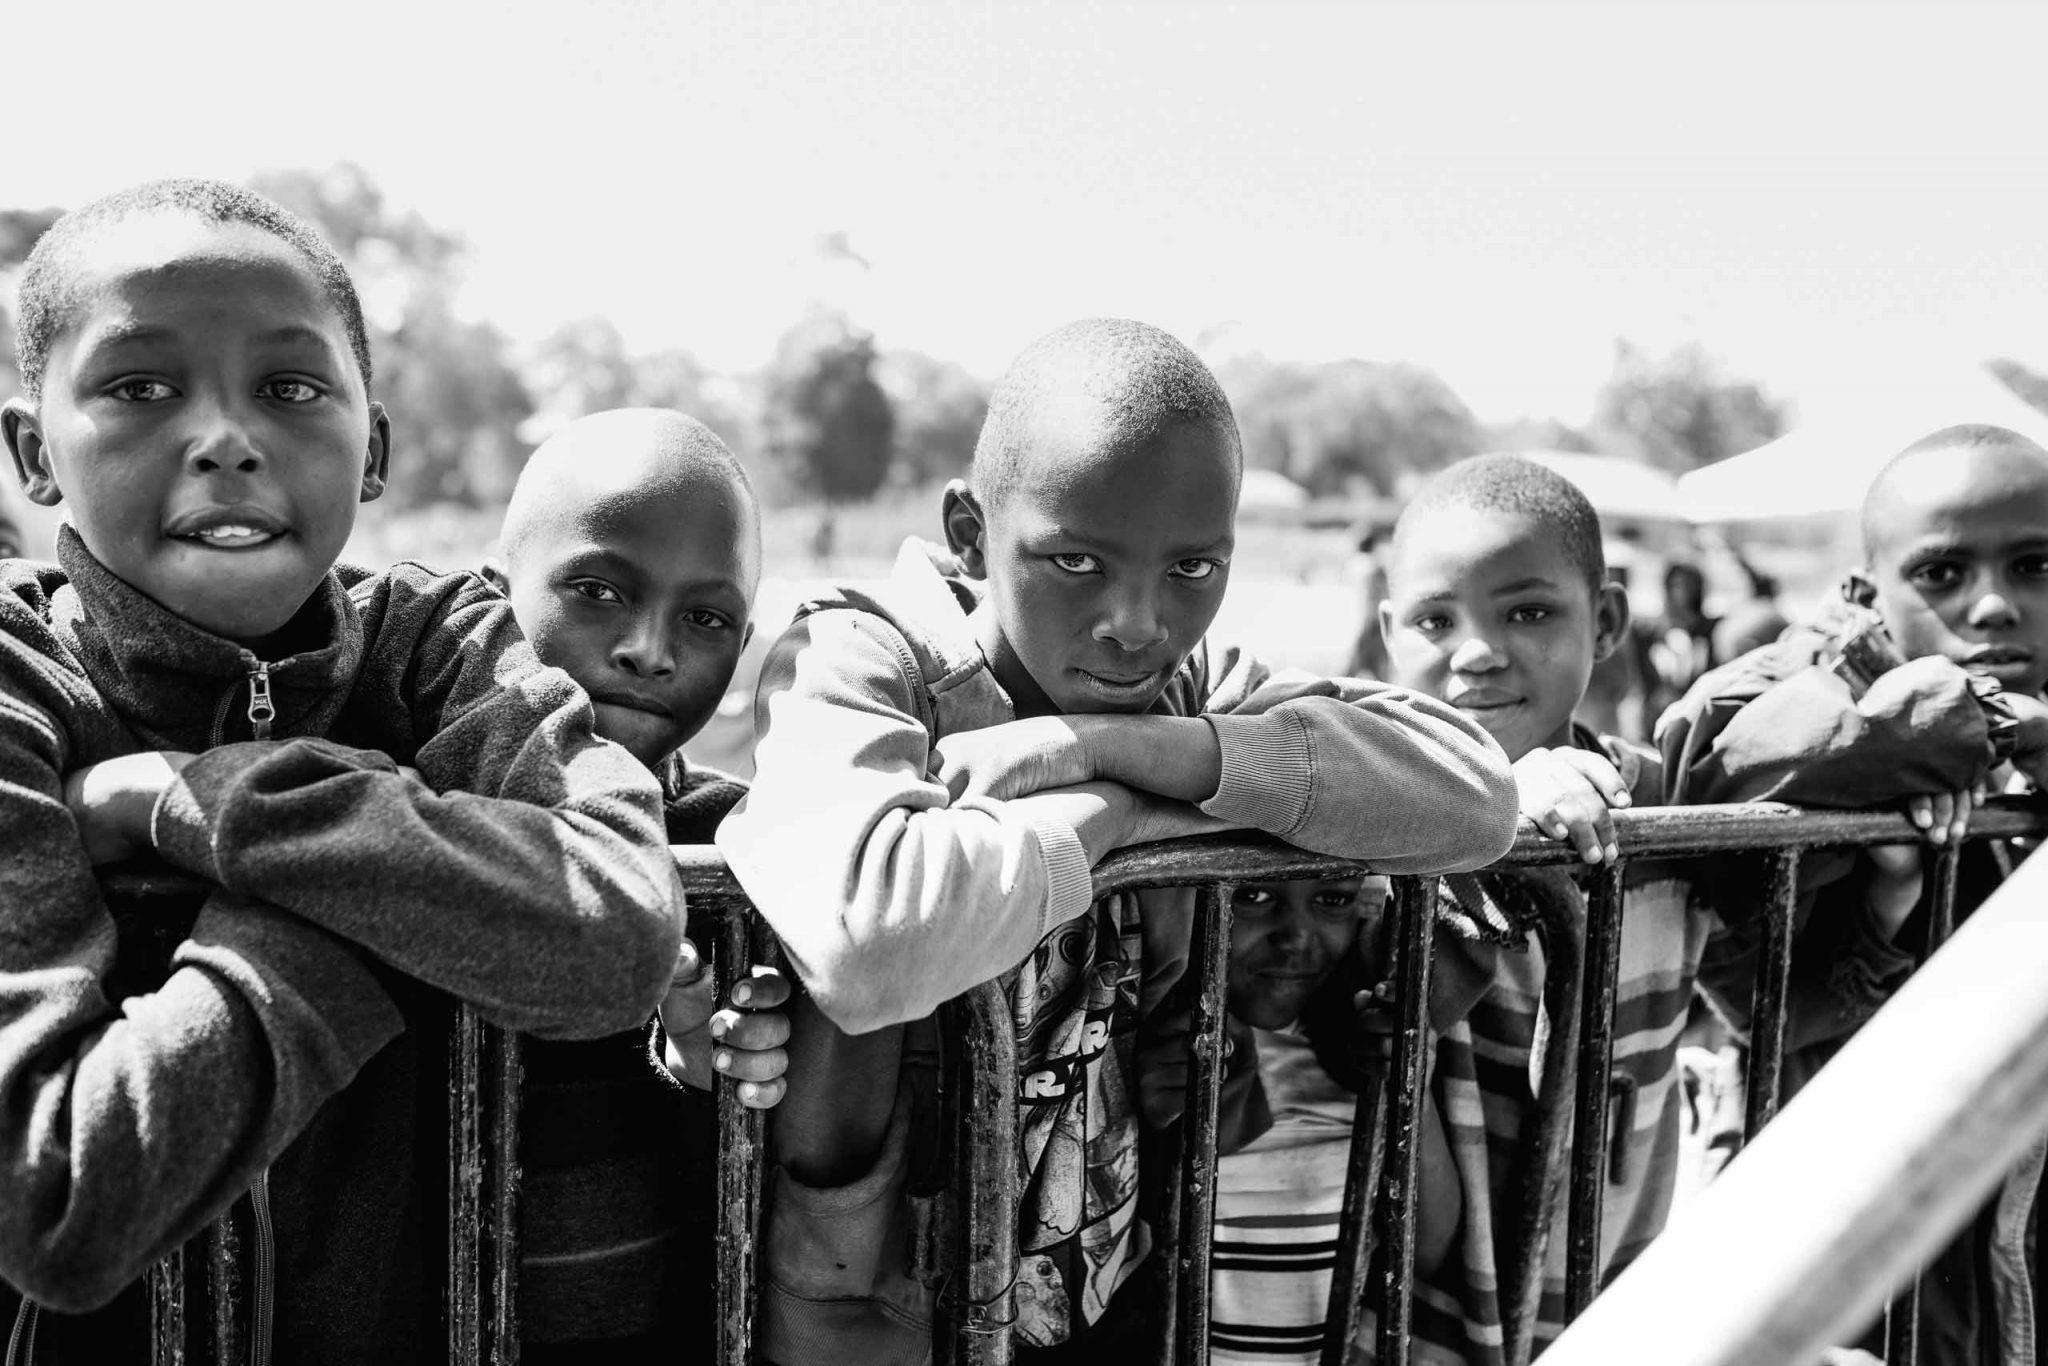 Ilsoo_van_Dijk_Ilsoovandijk_Kenya_The_Raindance_Project_2019_11